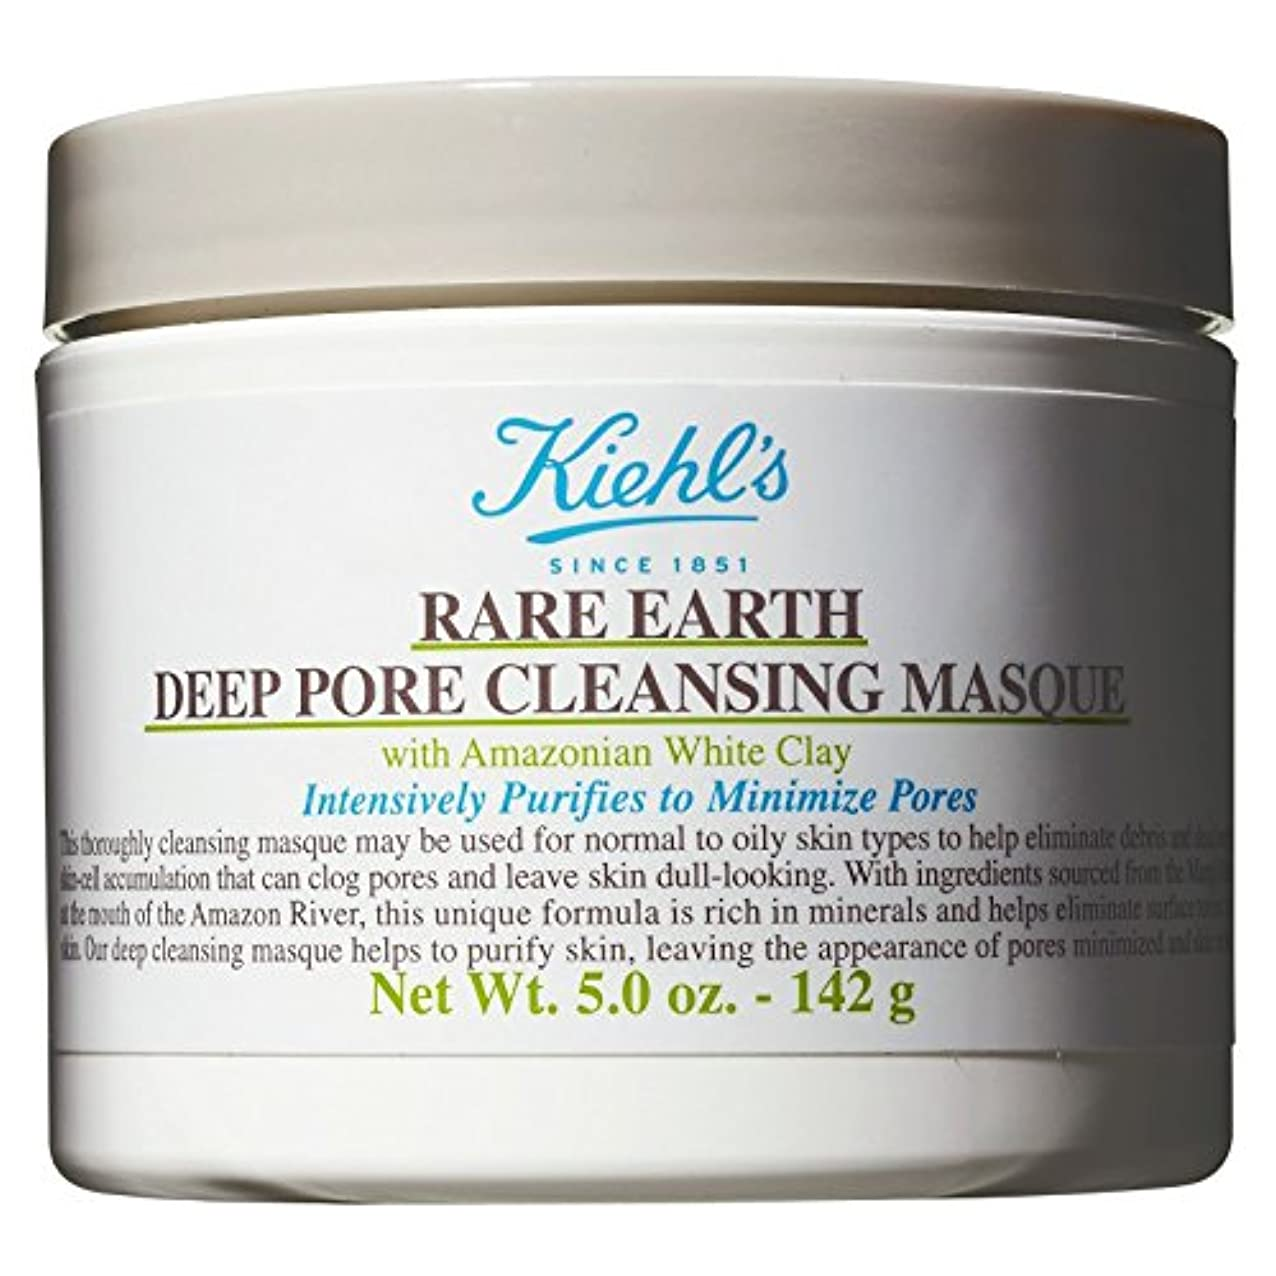 ジョージエリオット感染する発信[Kiehl's] キールズ希土類ポアクレンジング仮面の125ミリリットル - Kiehl's Rare Earth Pore Cleansing Masque 125ml [並行輸入品]